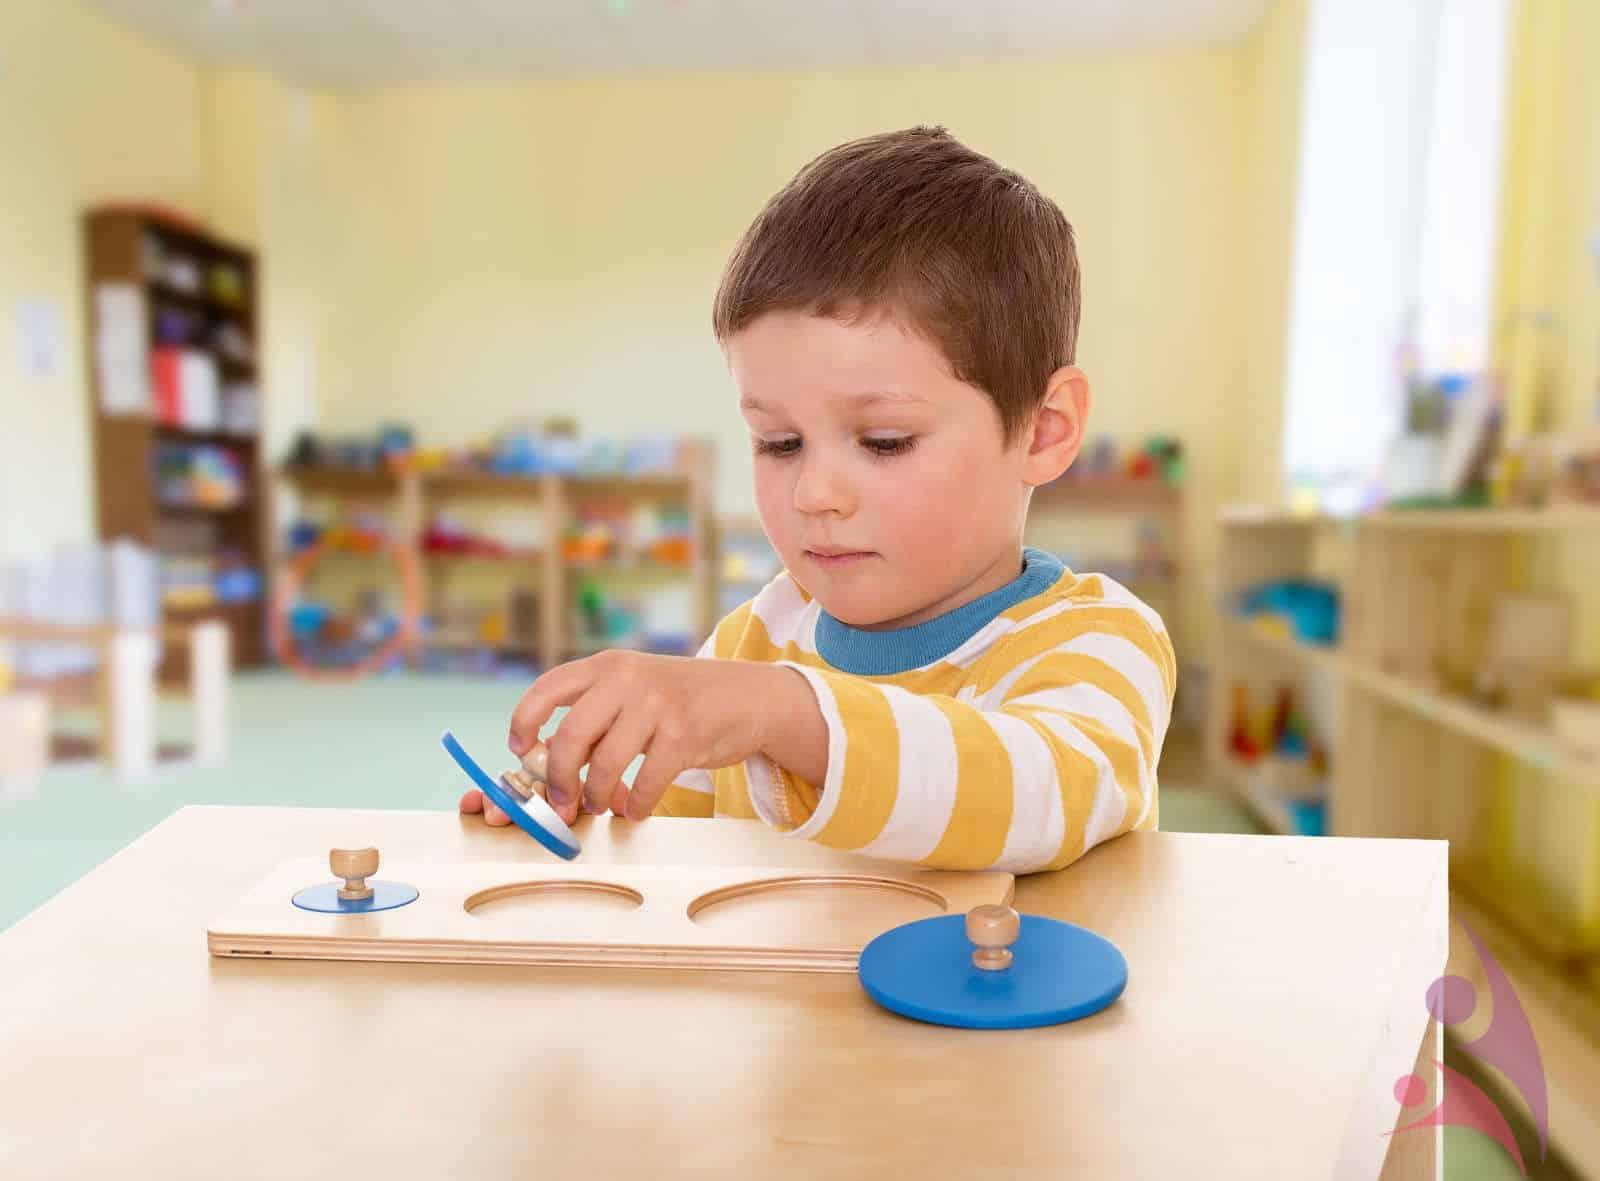 7 yıllık kriz, çocuğun kişilik gelişiminin bir sonraki aşamasıdır